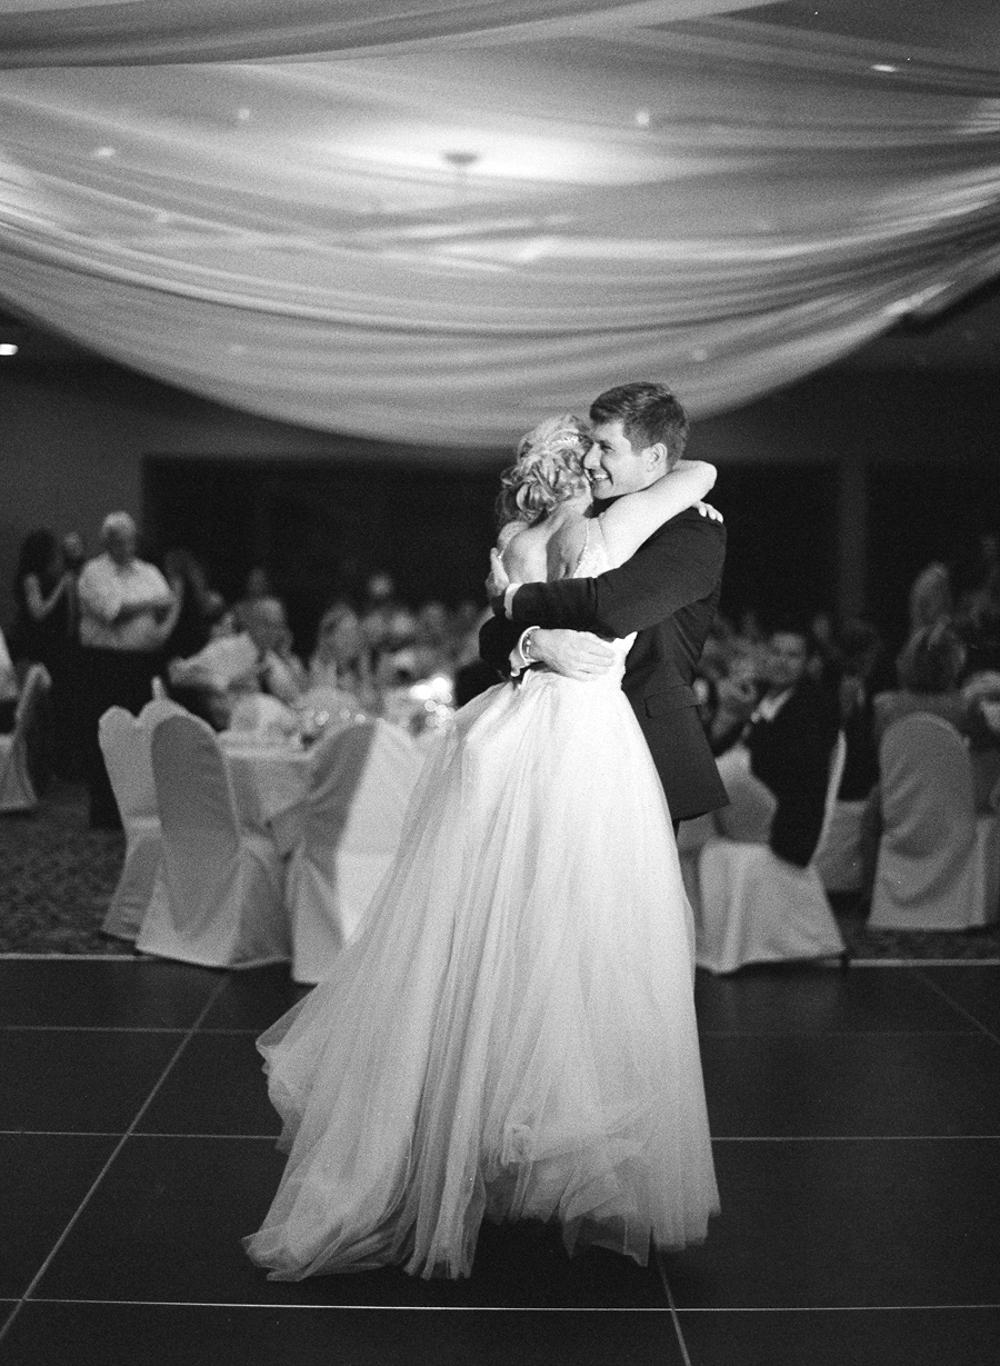 Troy_Burne_Golf_Club_Wedding_Photographer_59.jpg